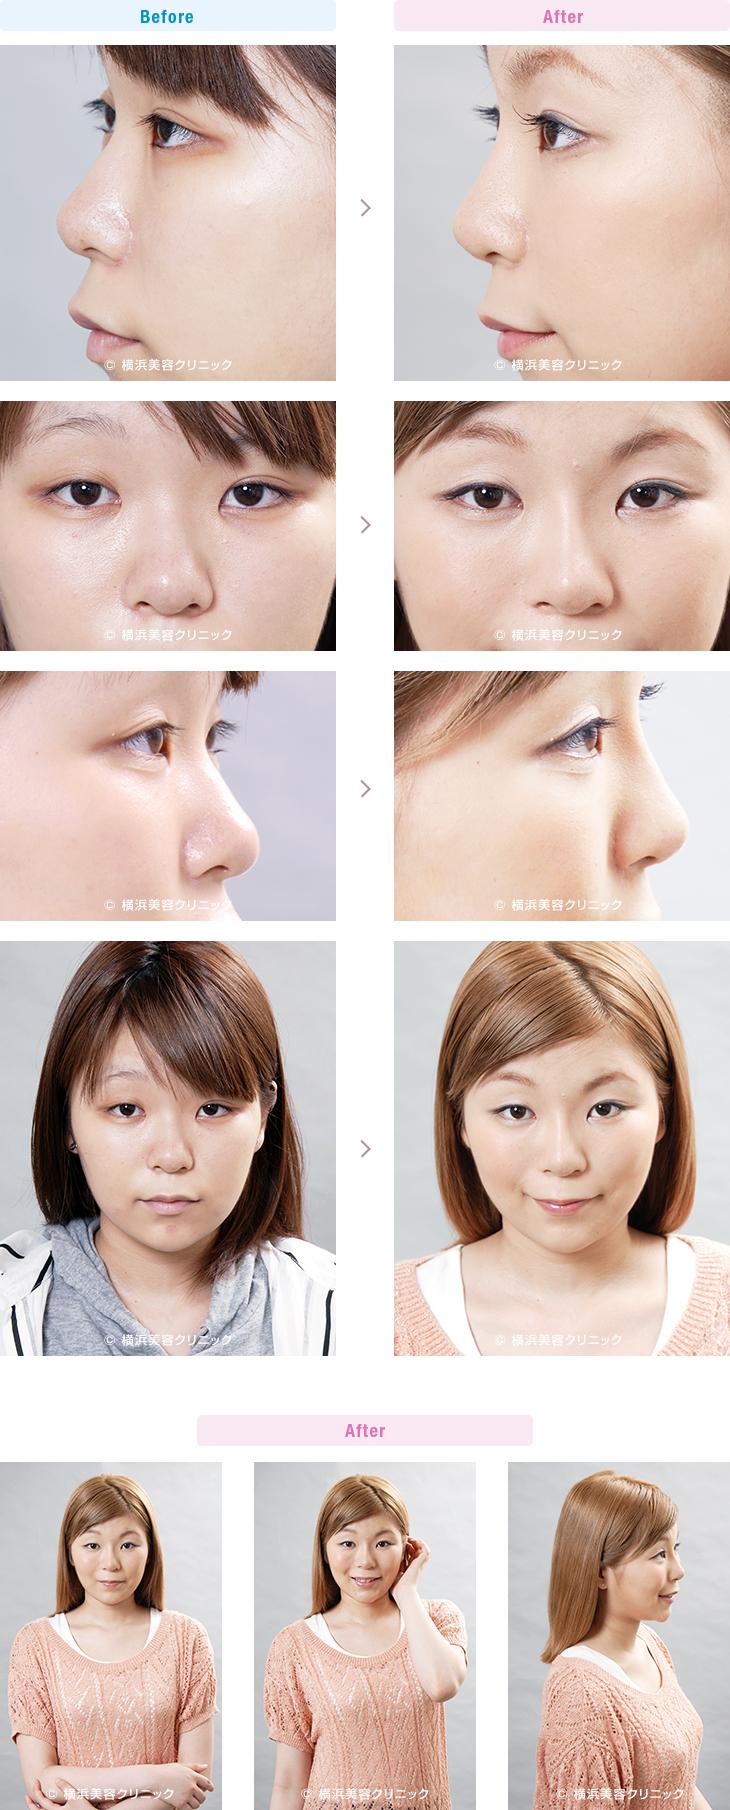 鼻(隆鼻術・整鼻術) 【20代女性】鼻全体を高くしたい場合はL型プロテーゼによる隆鼻術が最も効果的【横浜美容クリニック】